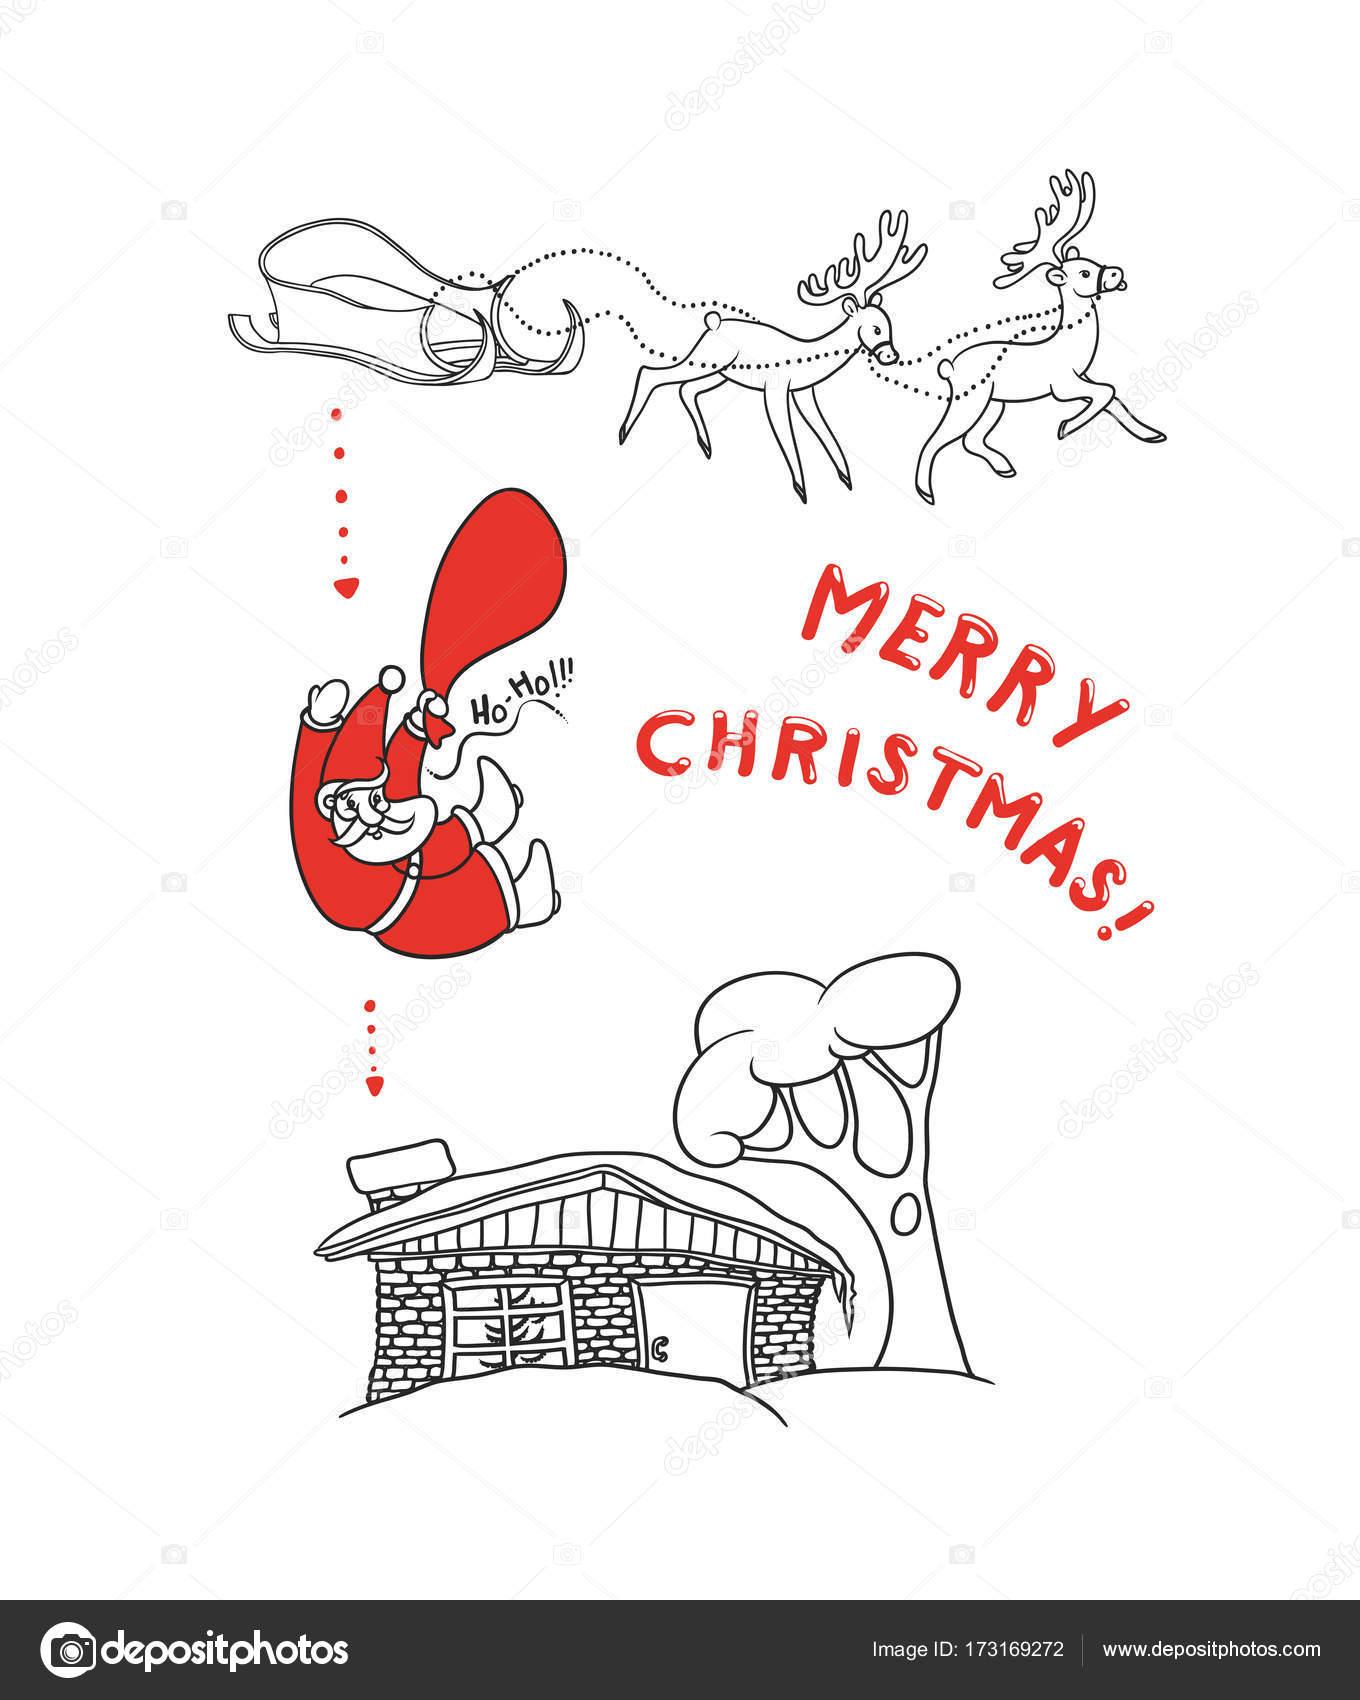 Immagini Di Babbo Natale In Bianco E Nero.Illustrazione Di Babbo Natale Con Regali Da Una Slitta Con